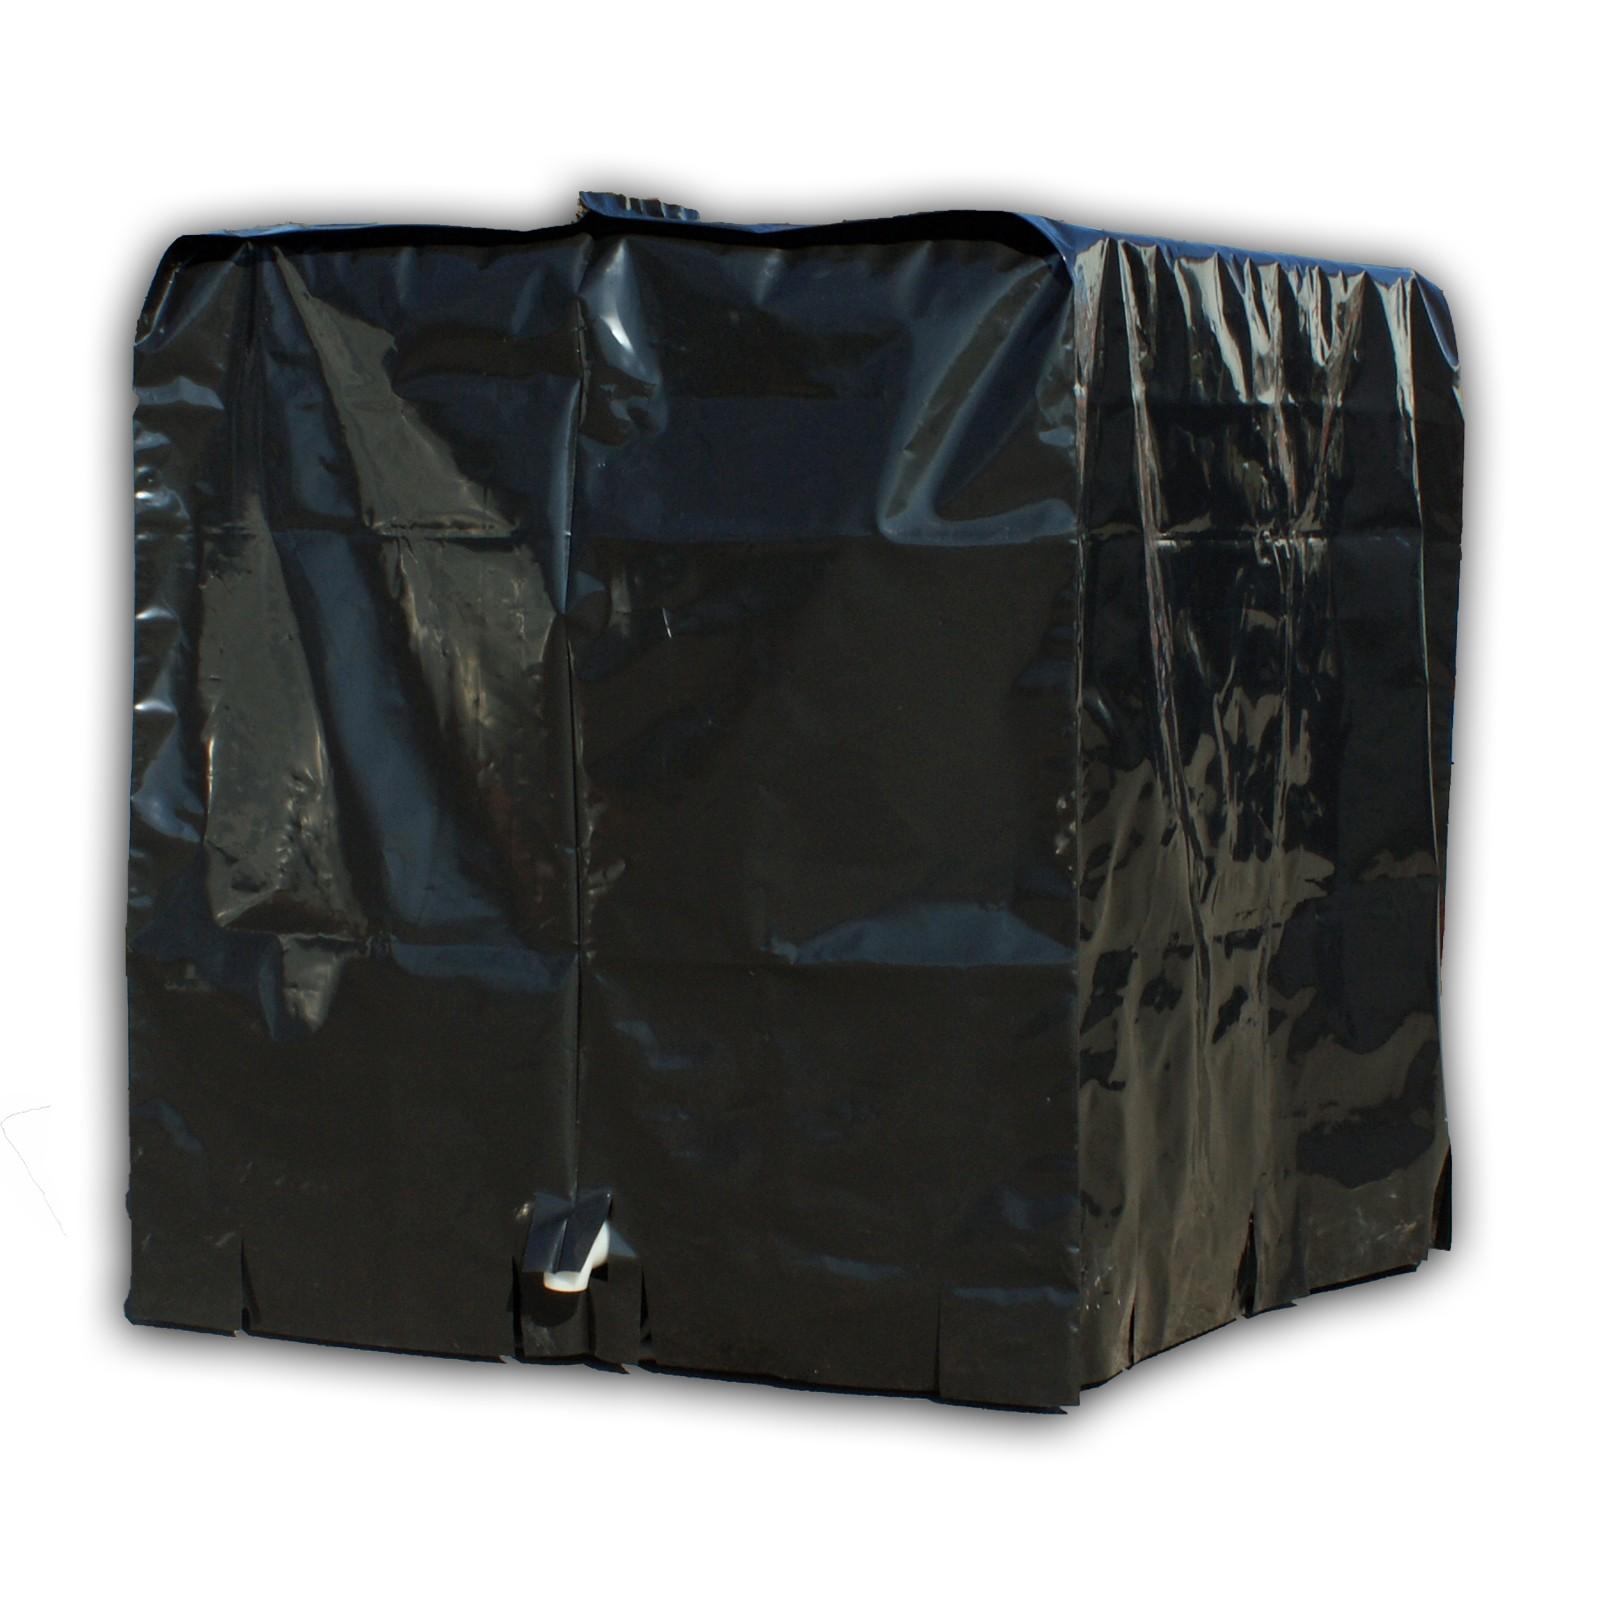 ibc abdeckplane schutz h lle plane haube folie regen wasser tank 1000l ebay. Black Bedroom Furniture Sets. Home Design Ideas